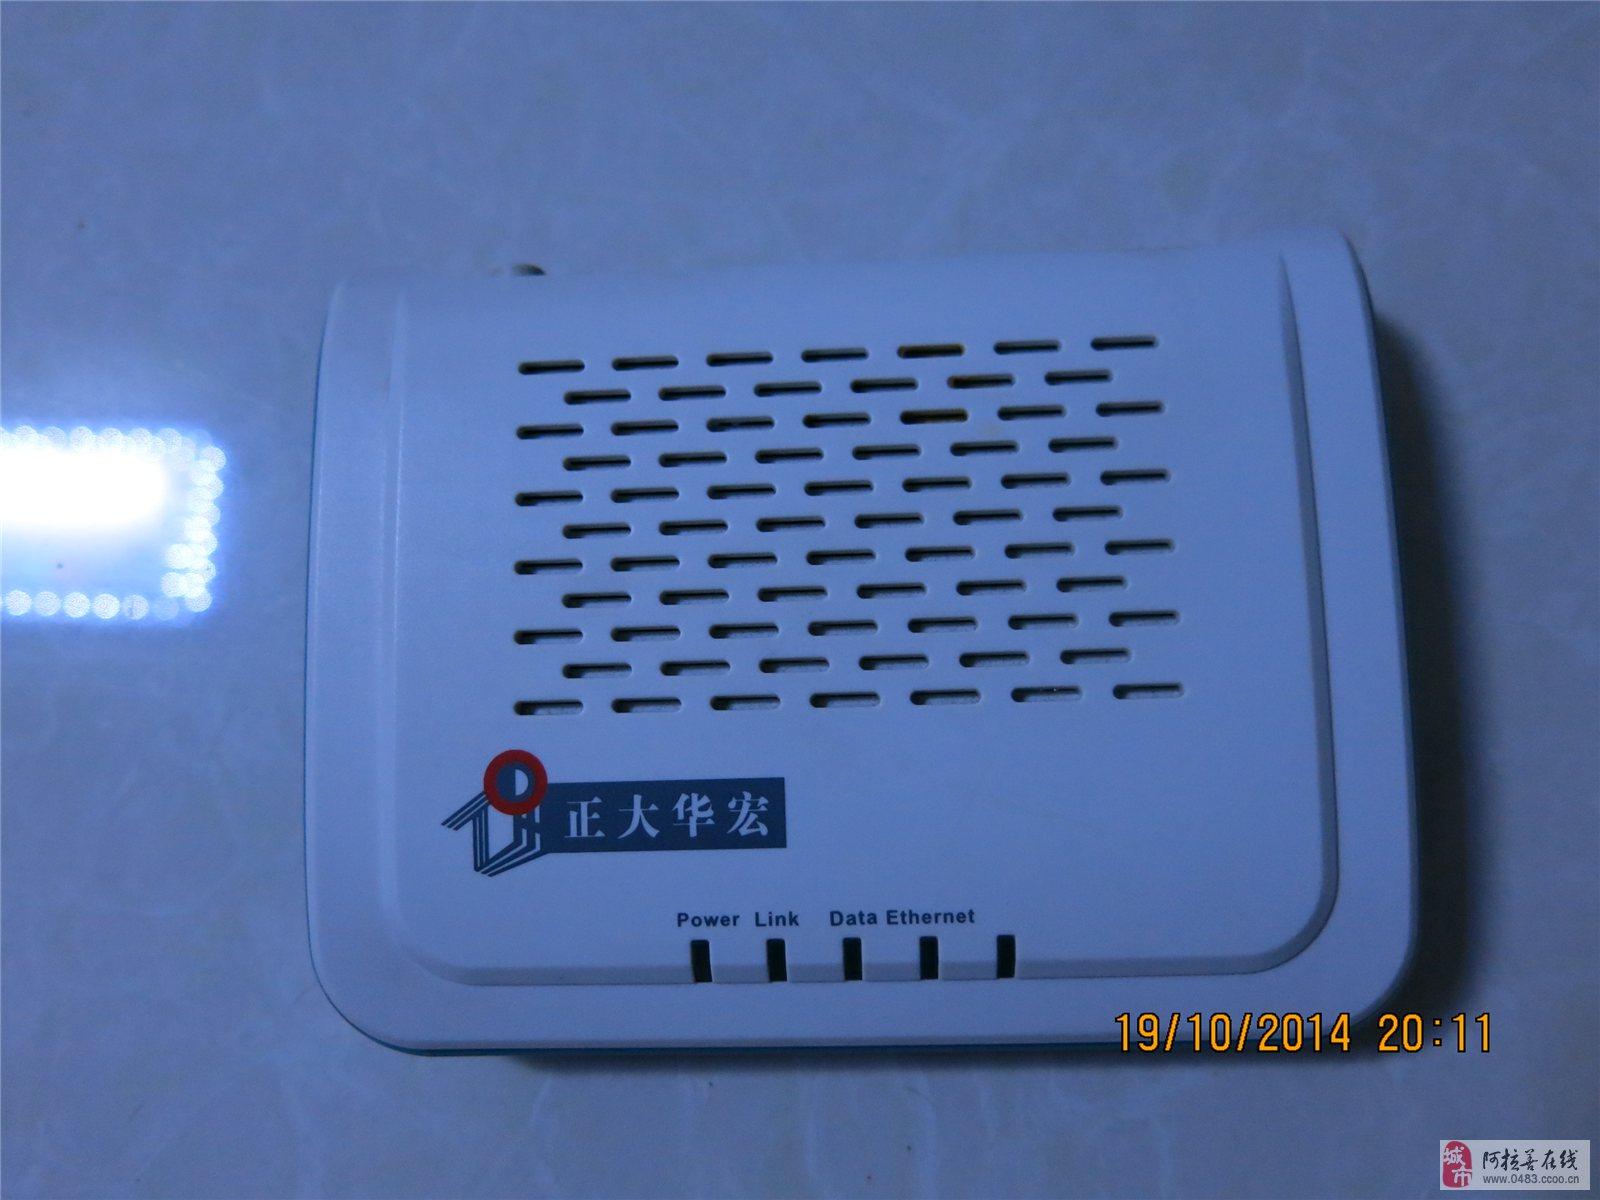 正大华宏adslzd6610宽带猫调制解调器